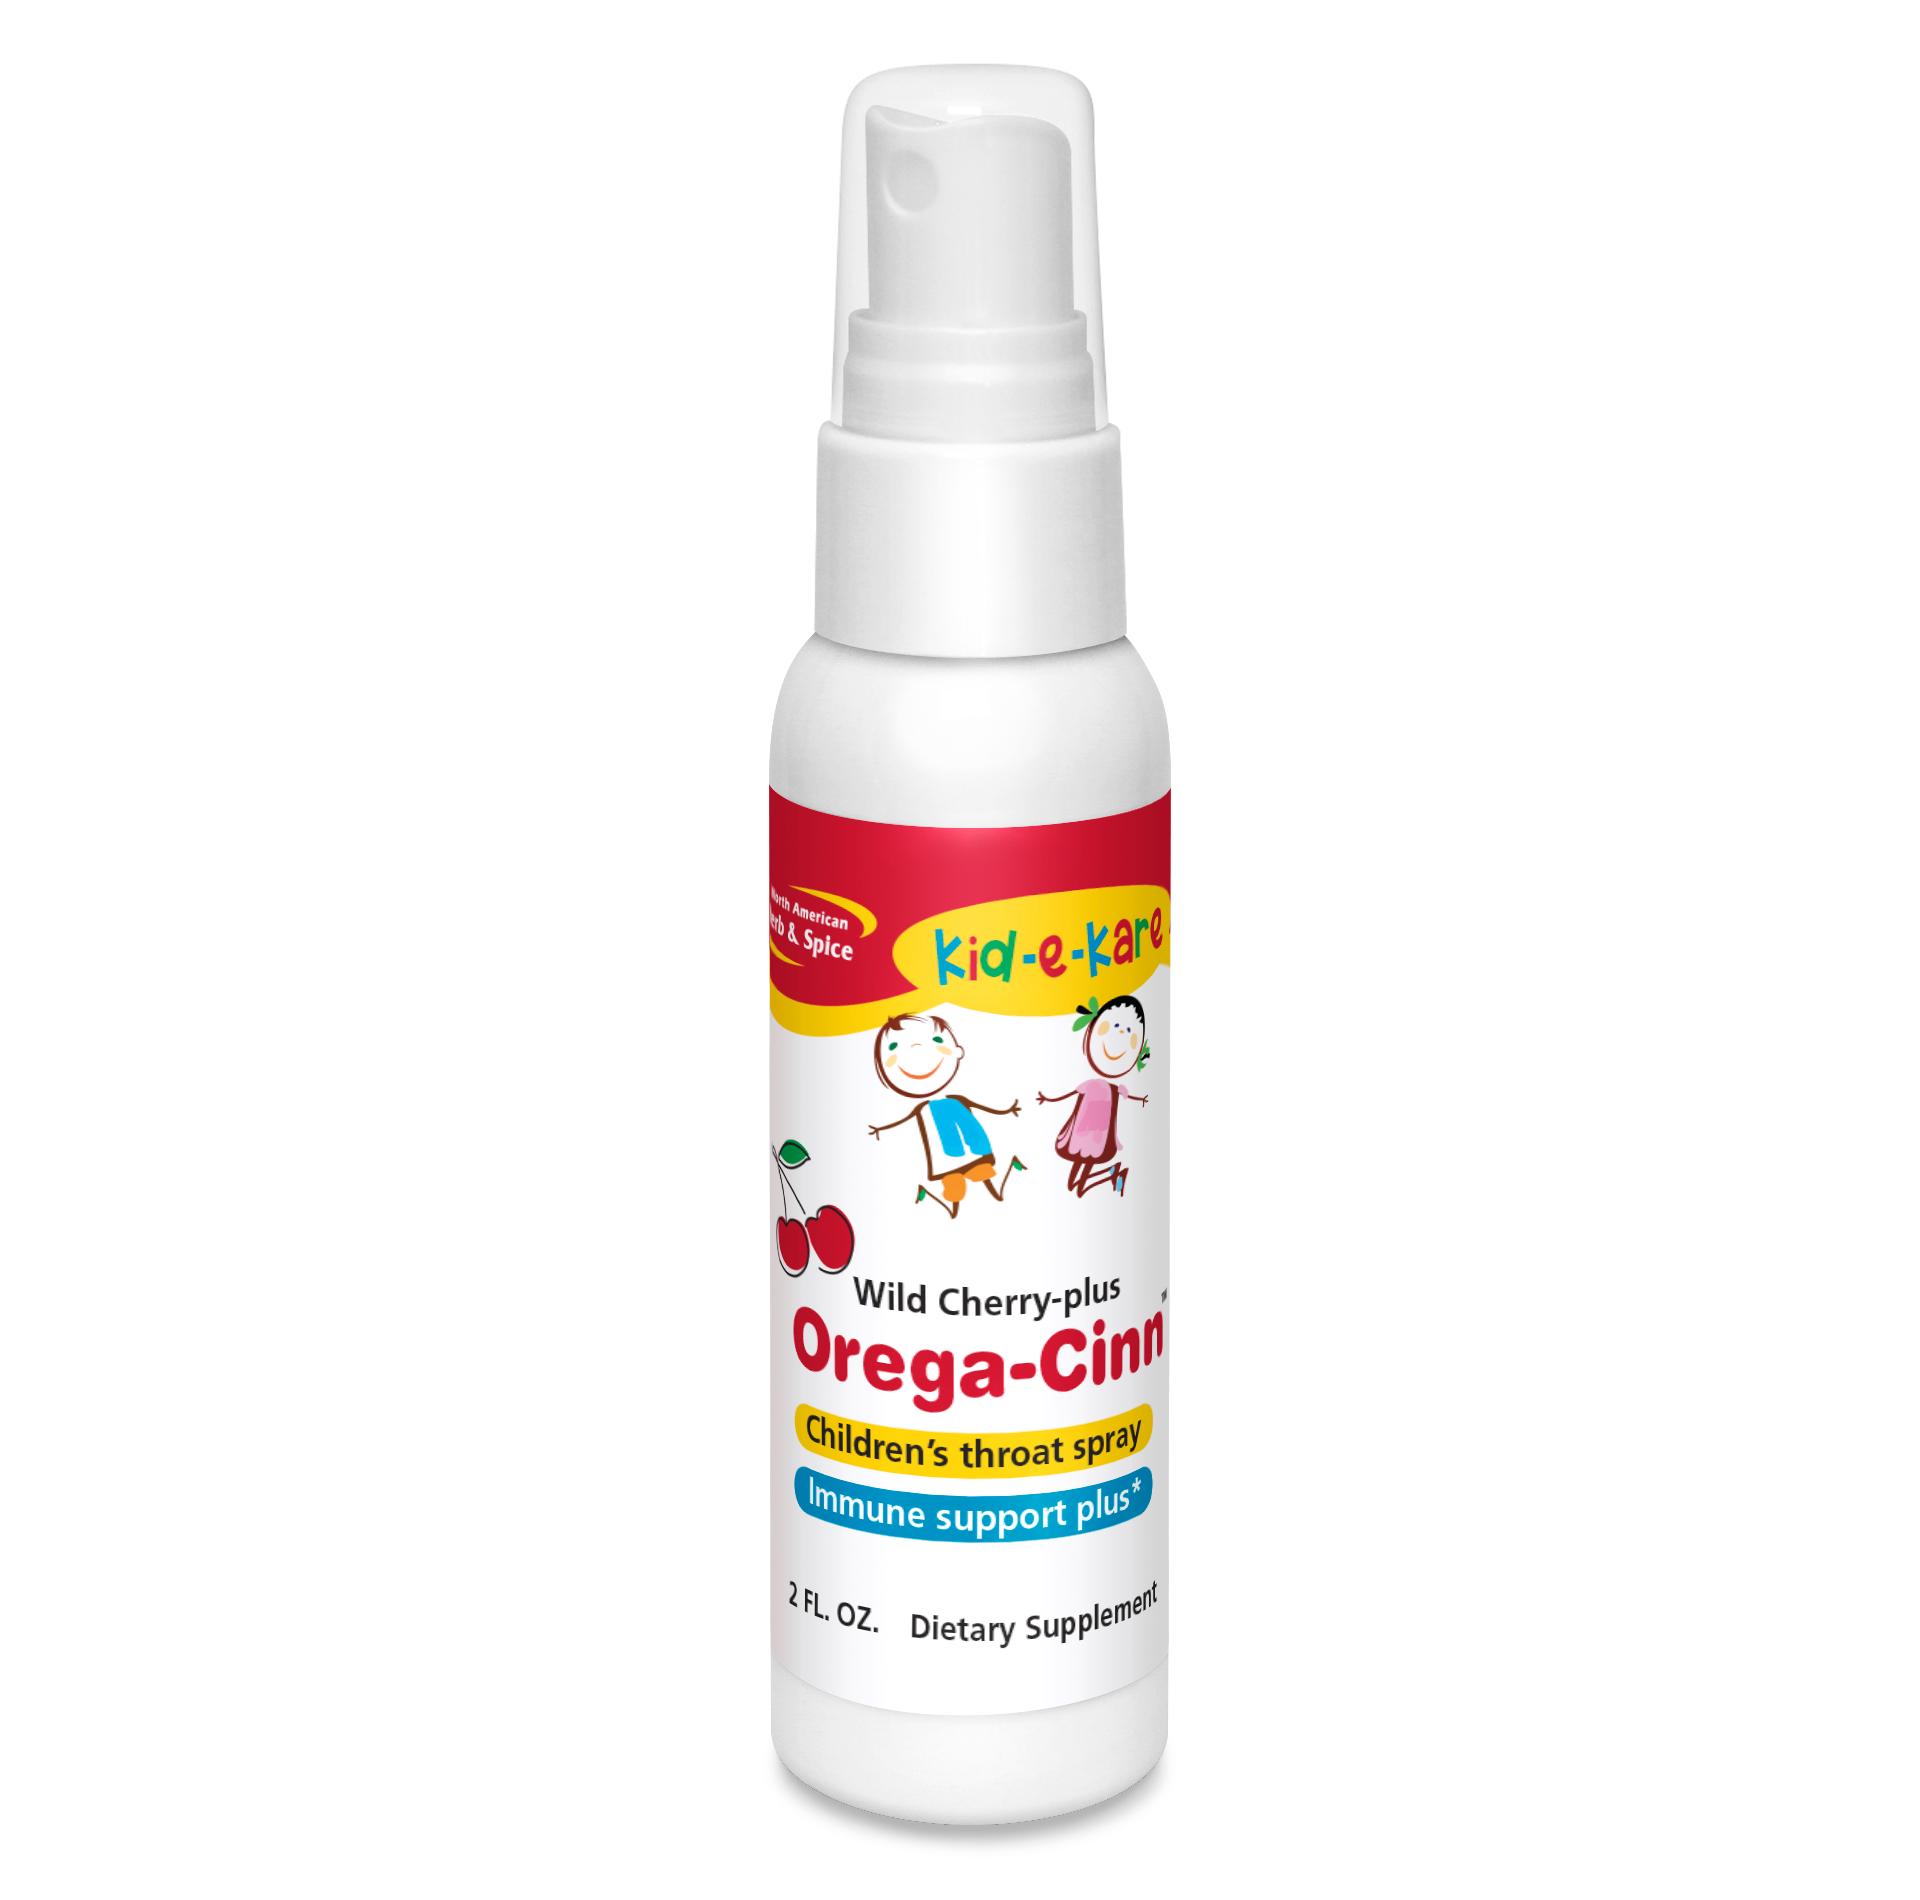 Orega-cinn-Spray_1920x1900_Front